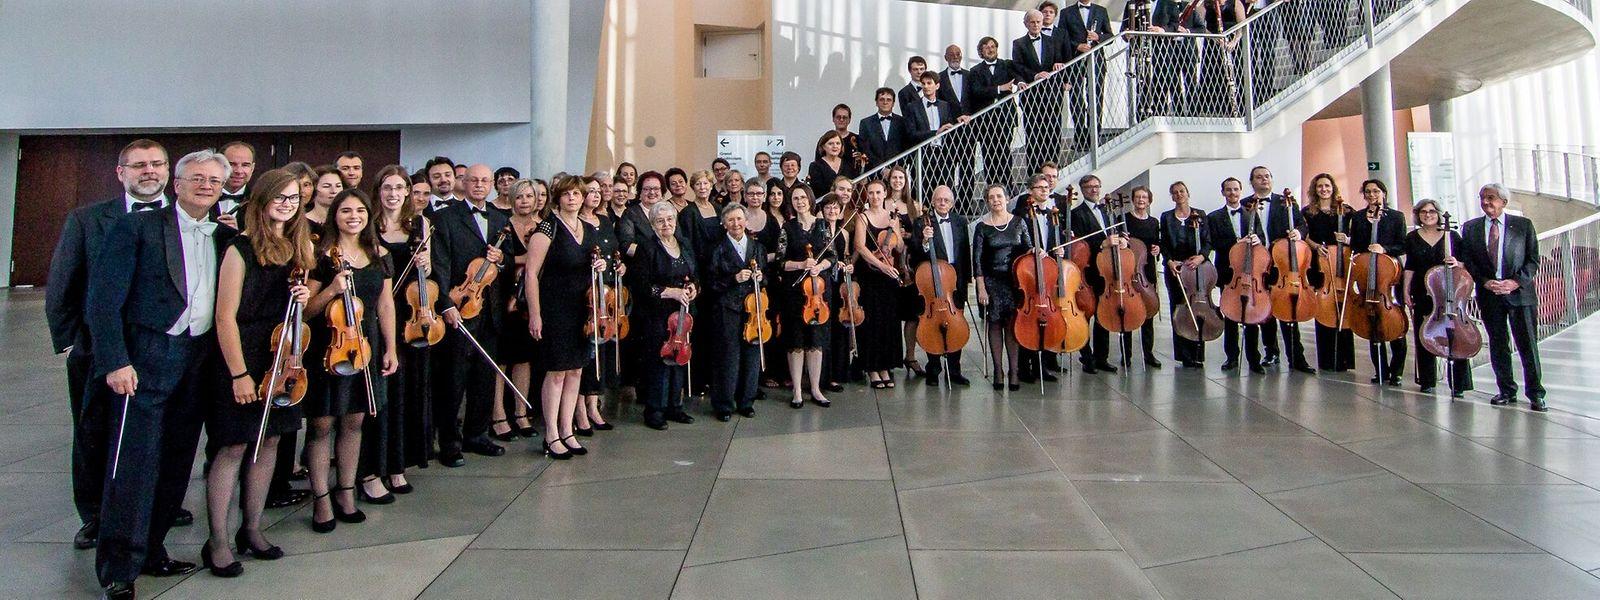 Die Freude am gemeinsamen Musizieren bleibt das höchste Ziel der rund 85 Mitglieder des Ensembles.